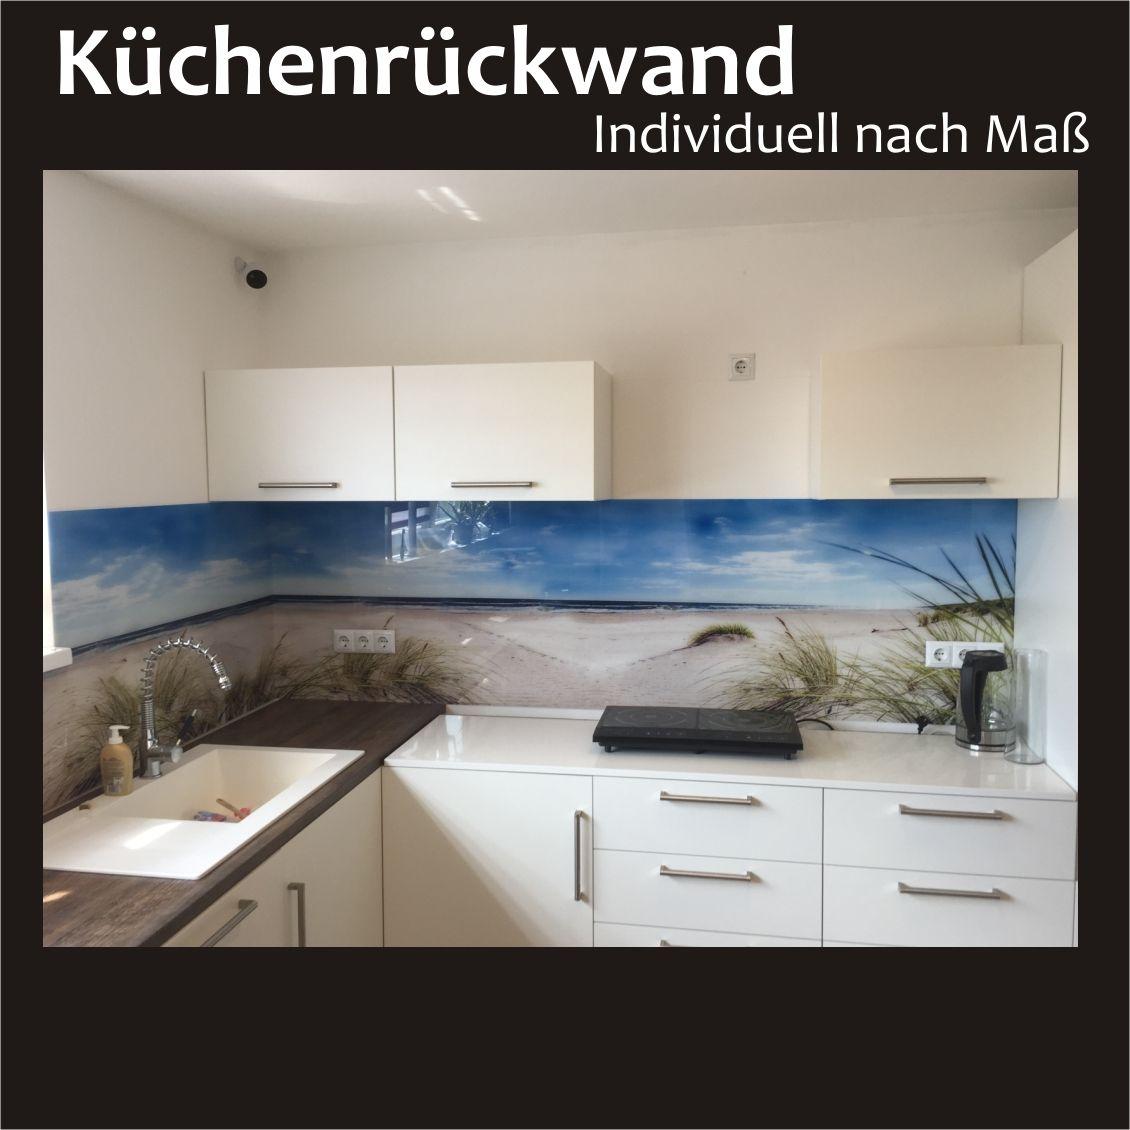 Küchenrückwand nach Maß - Küchenrückwand, Fliesenspiegel ...